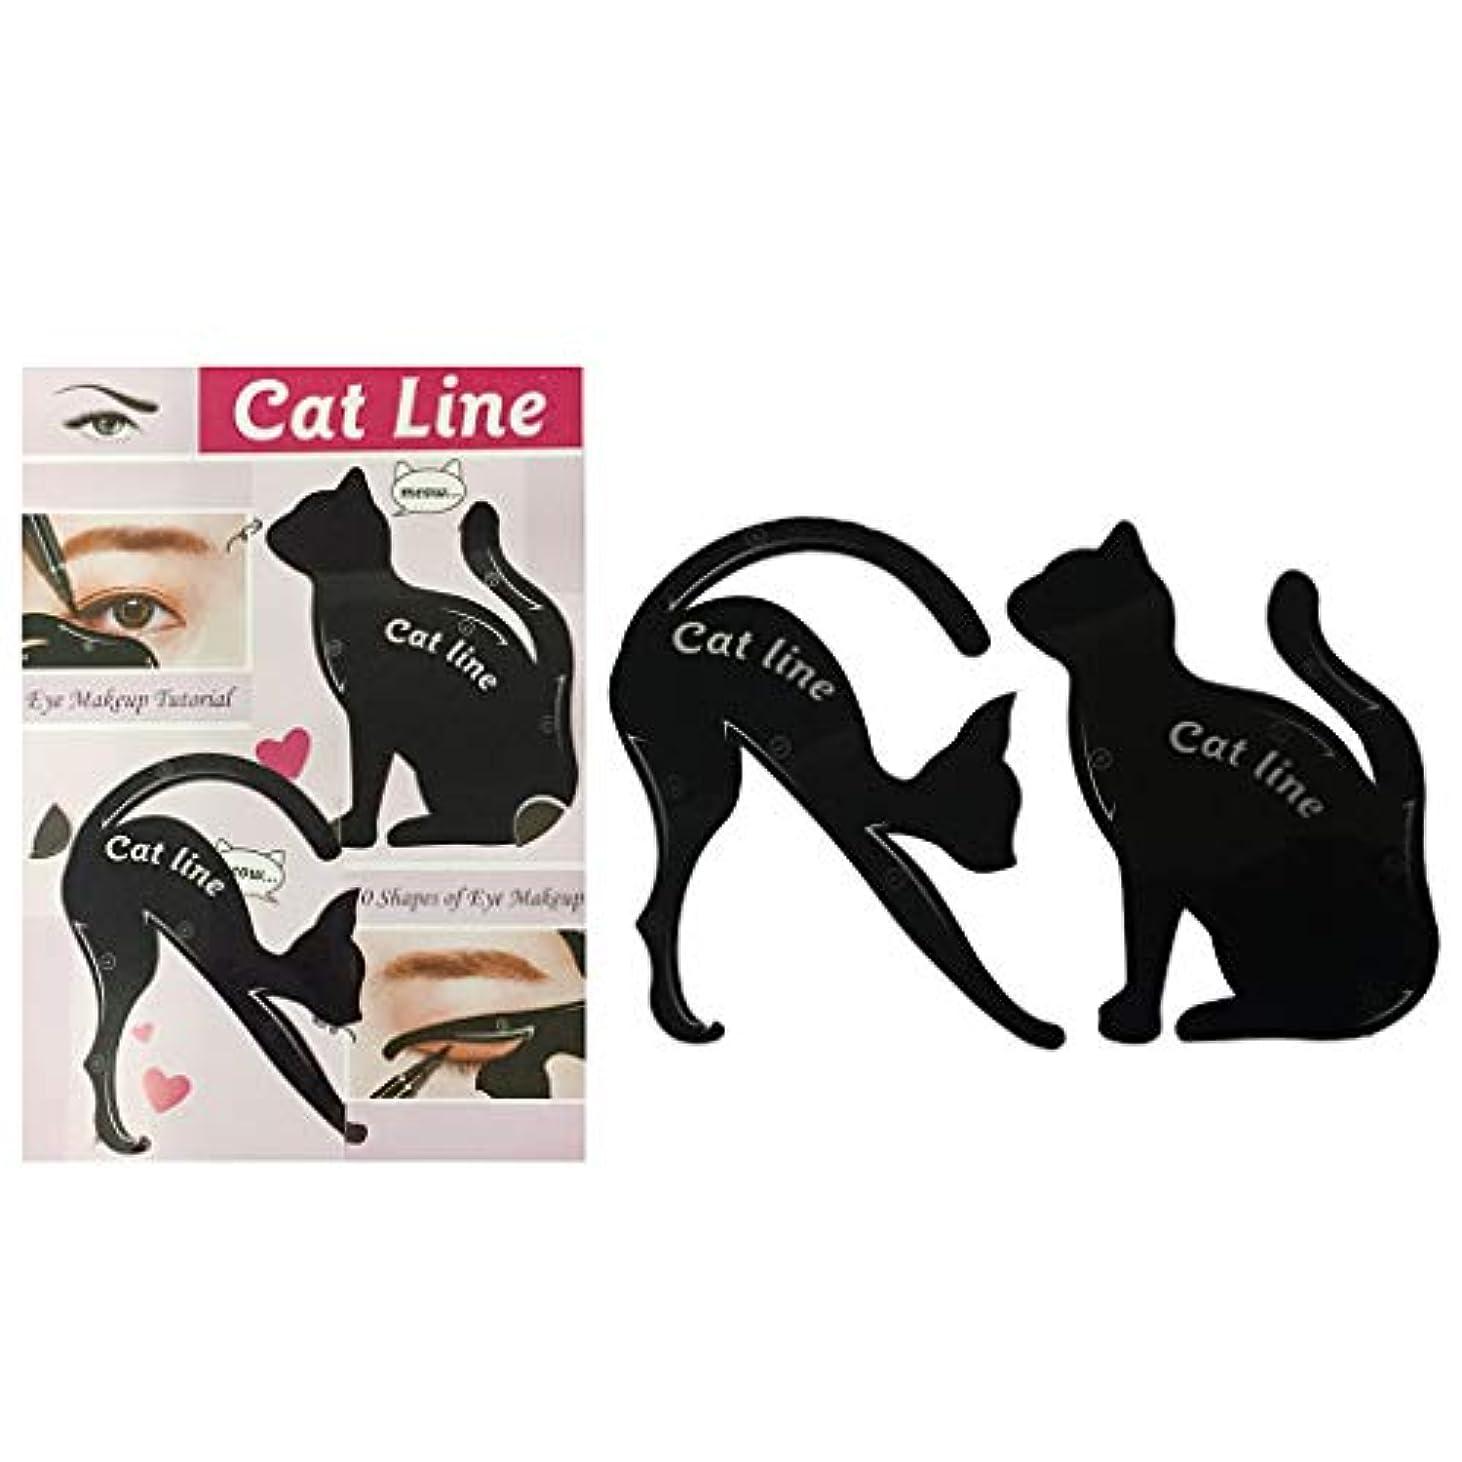 異なるめんどり乱用Kimyuo 2ピースアイライナーデッサン猫形状テンプレートカードファッション化粧品ツールキットスモーキー猫目メイクアクセサリー初心者使用